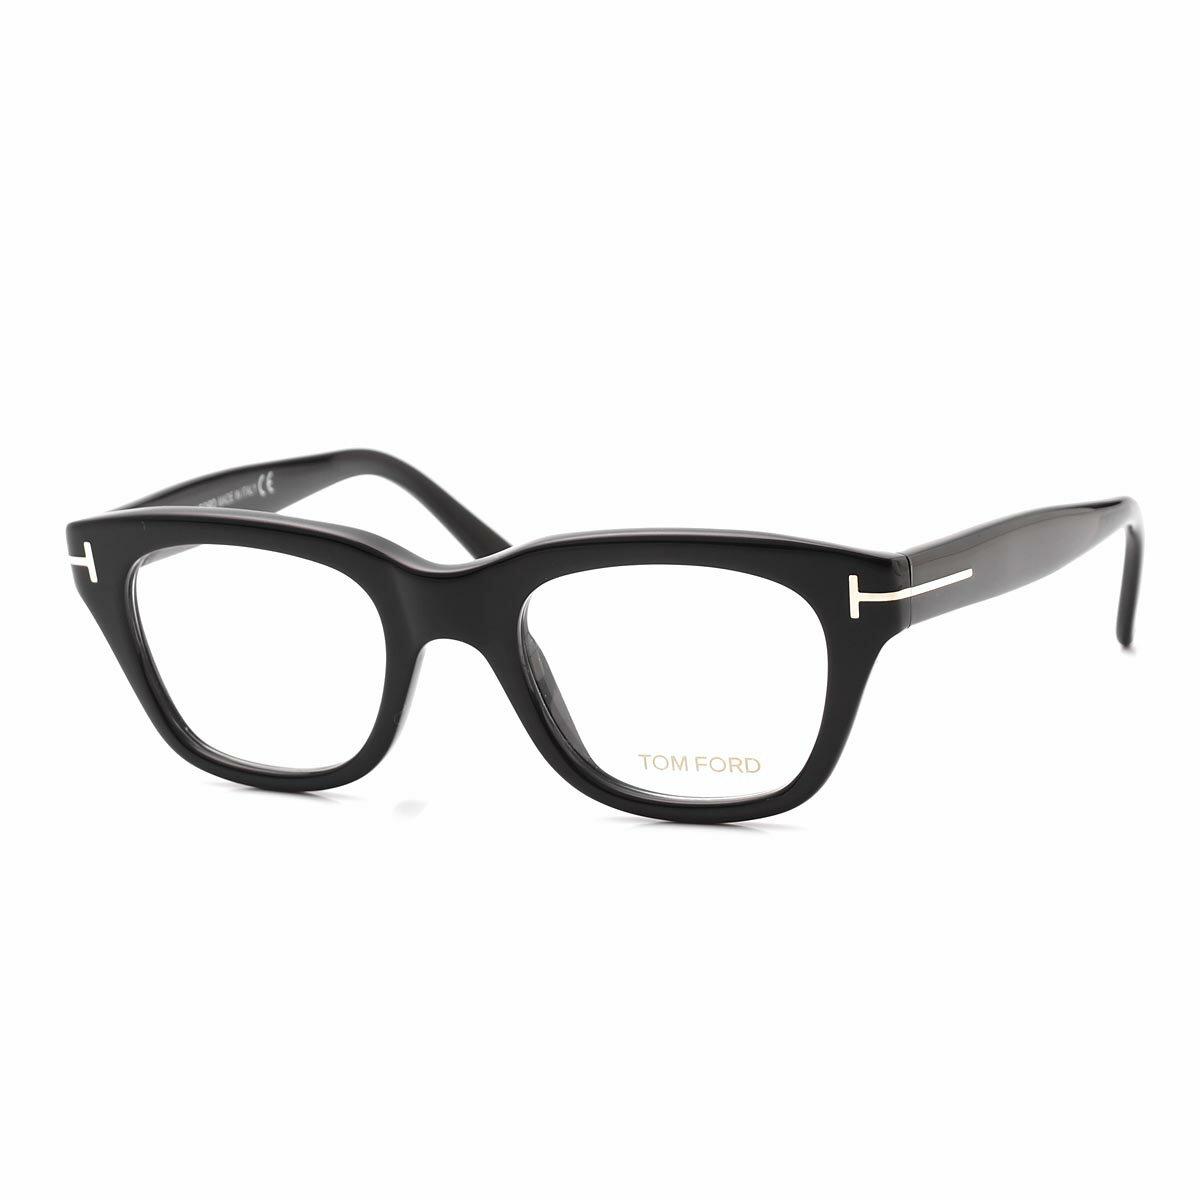 トムフォード TOM FORD 眼鏡 メガネ ブラック メンズ フレーム ft5178 001 TF5178 ウェリントン【あす楽対応_関東】【ラッピング無料】【返品送料無料】【180601】